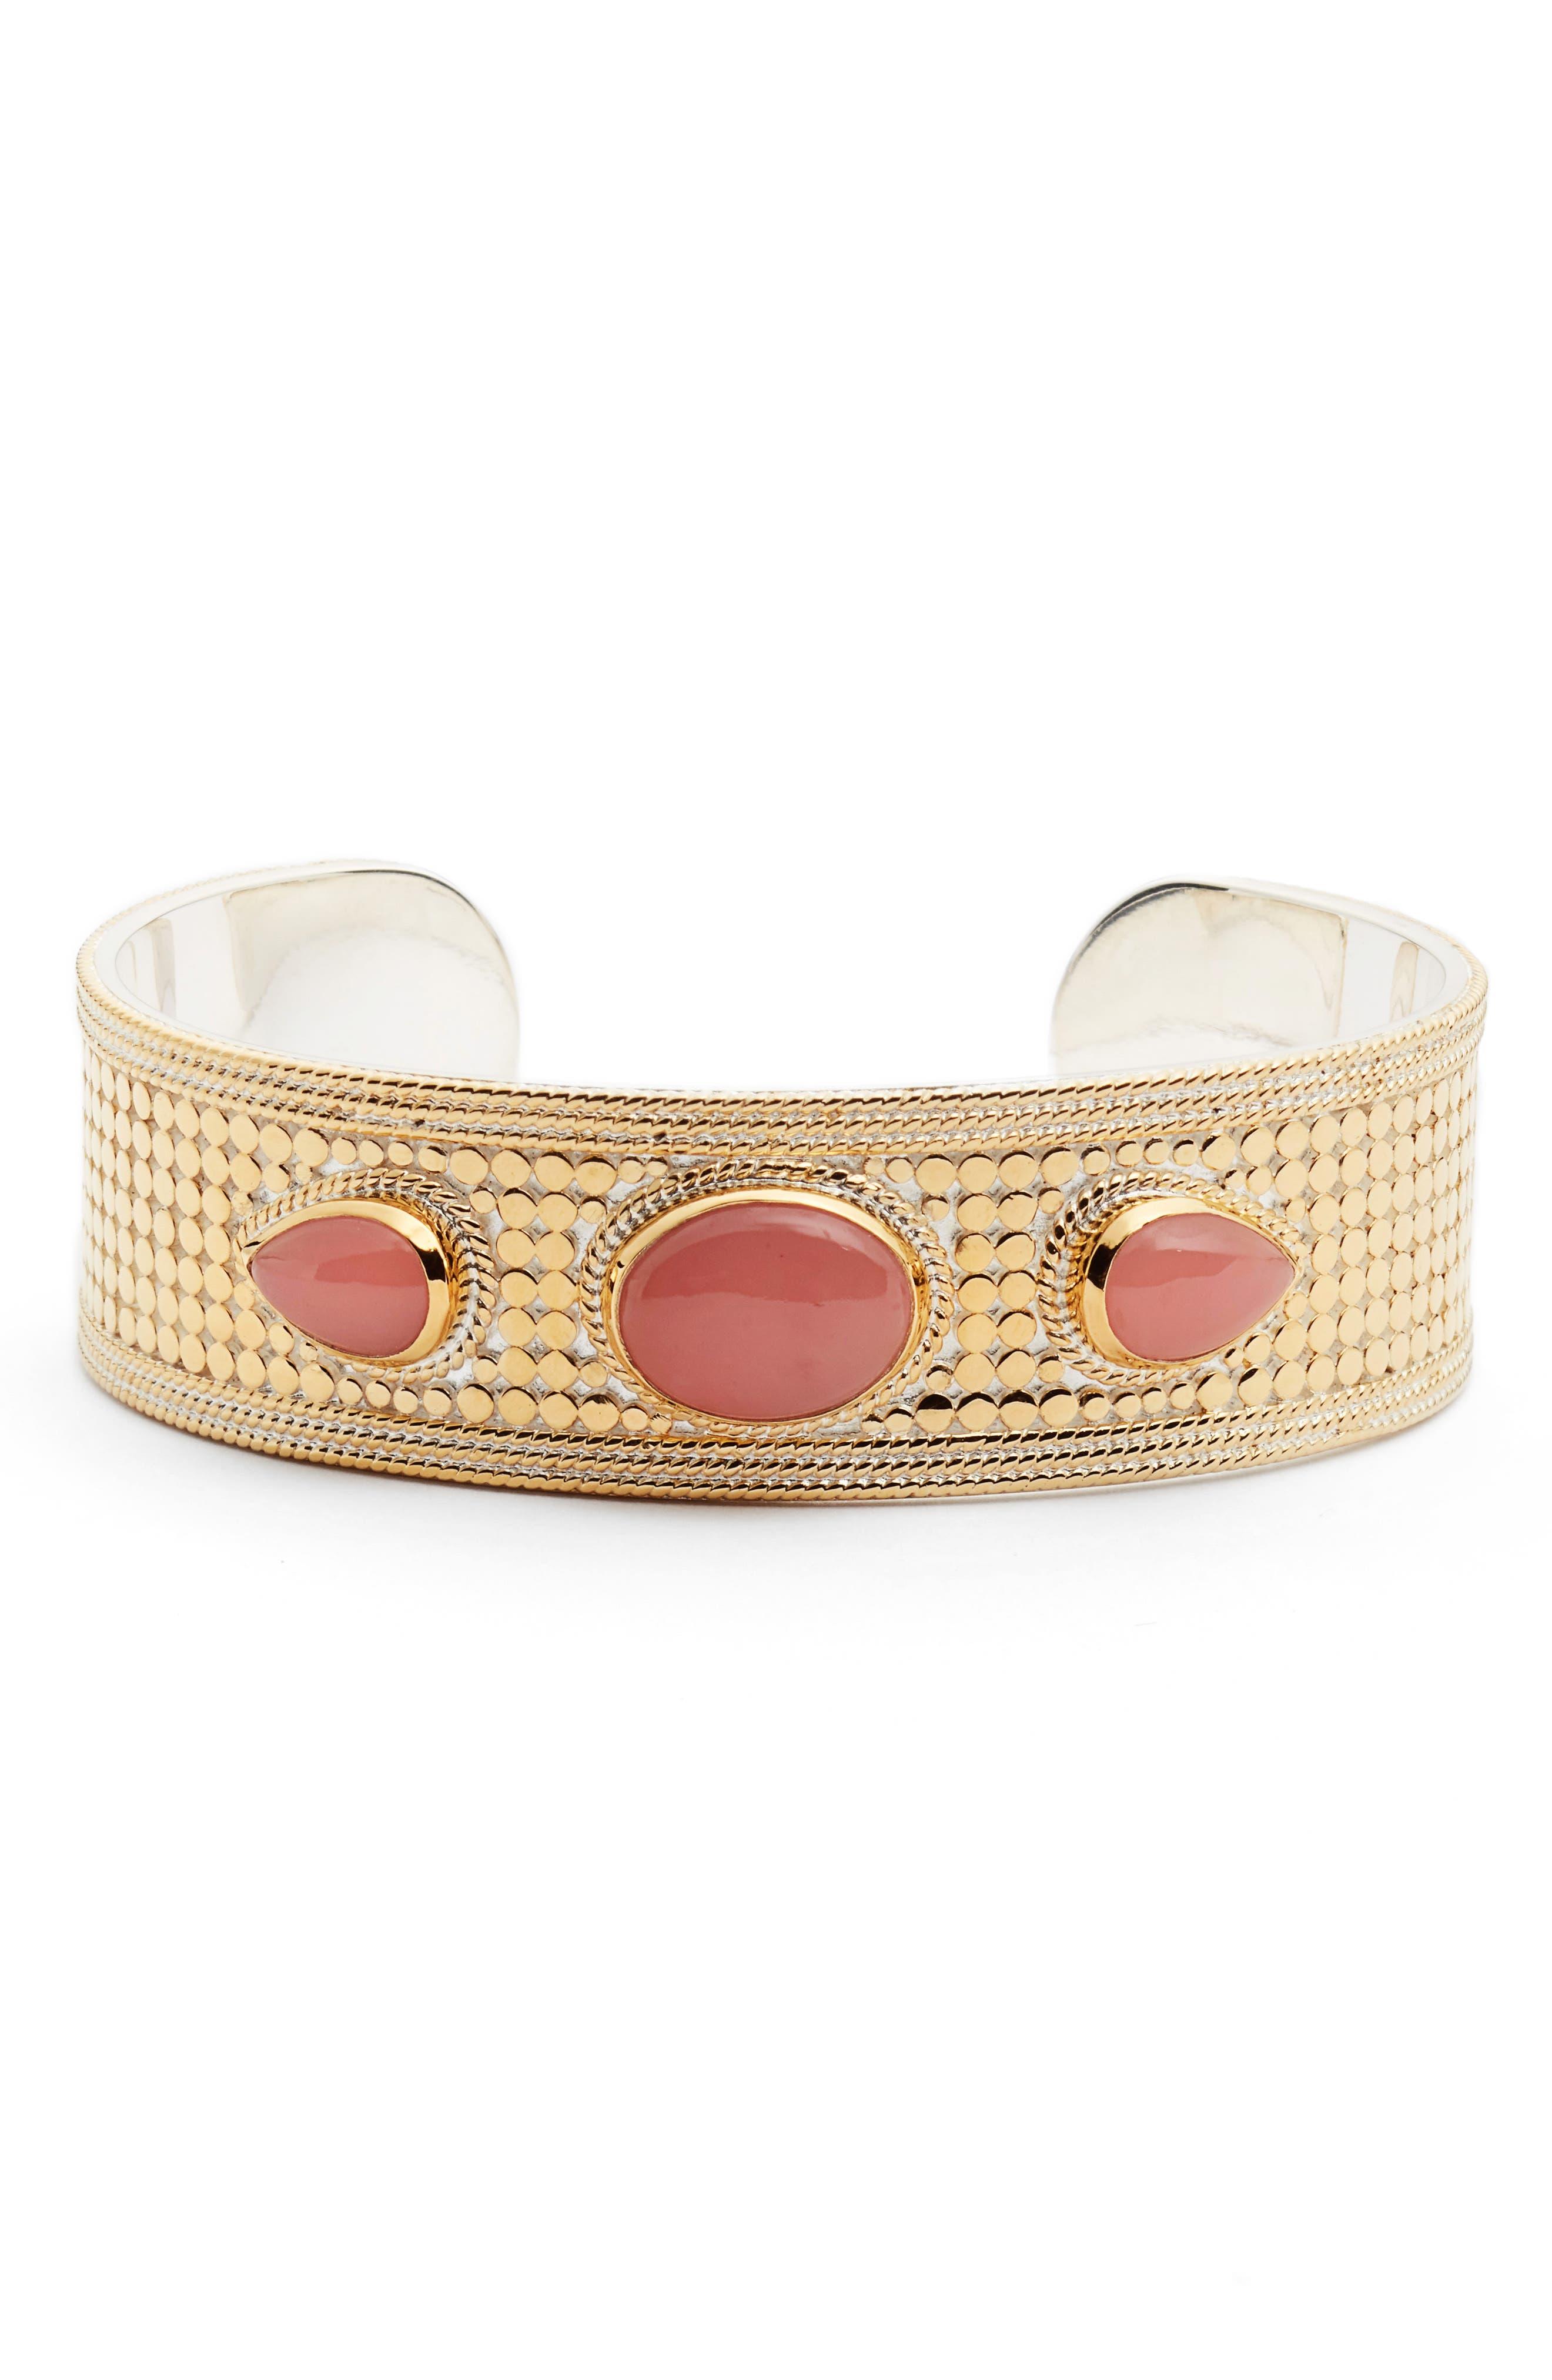 Guava Quartz Medium Cuff Bracelet,                             Main thumbnail 1, color,                             Gold/ Guava Quartz